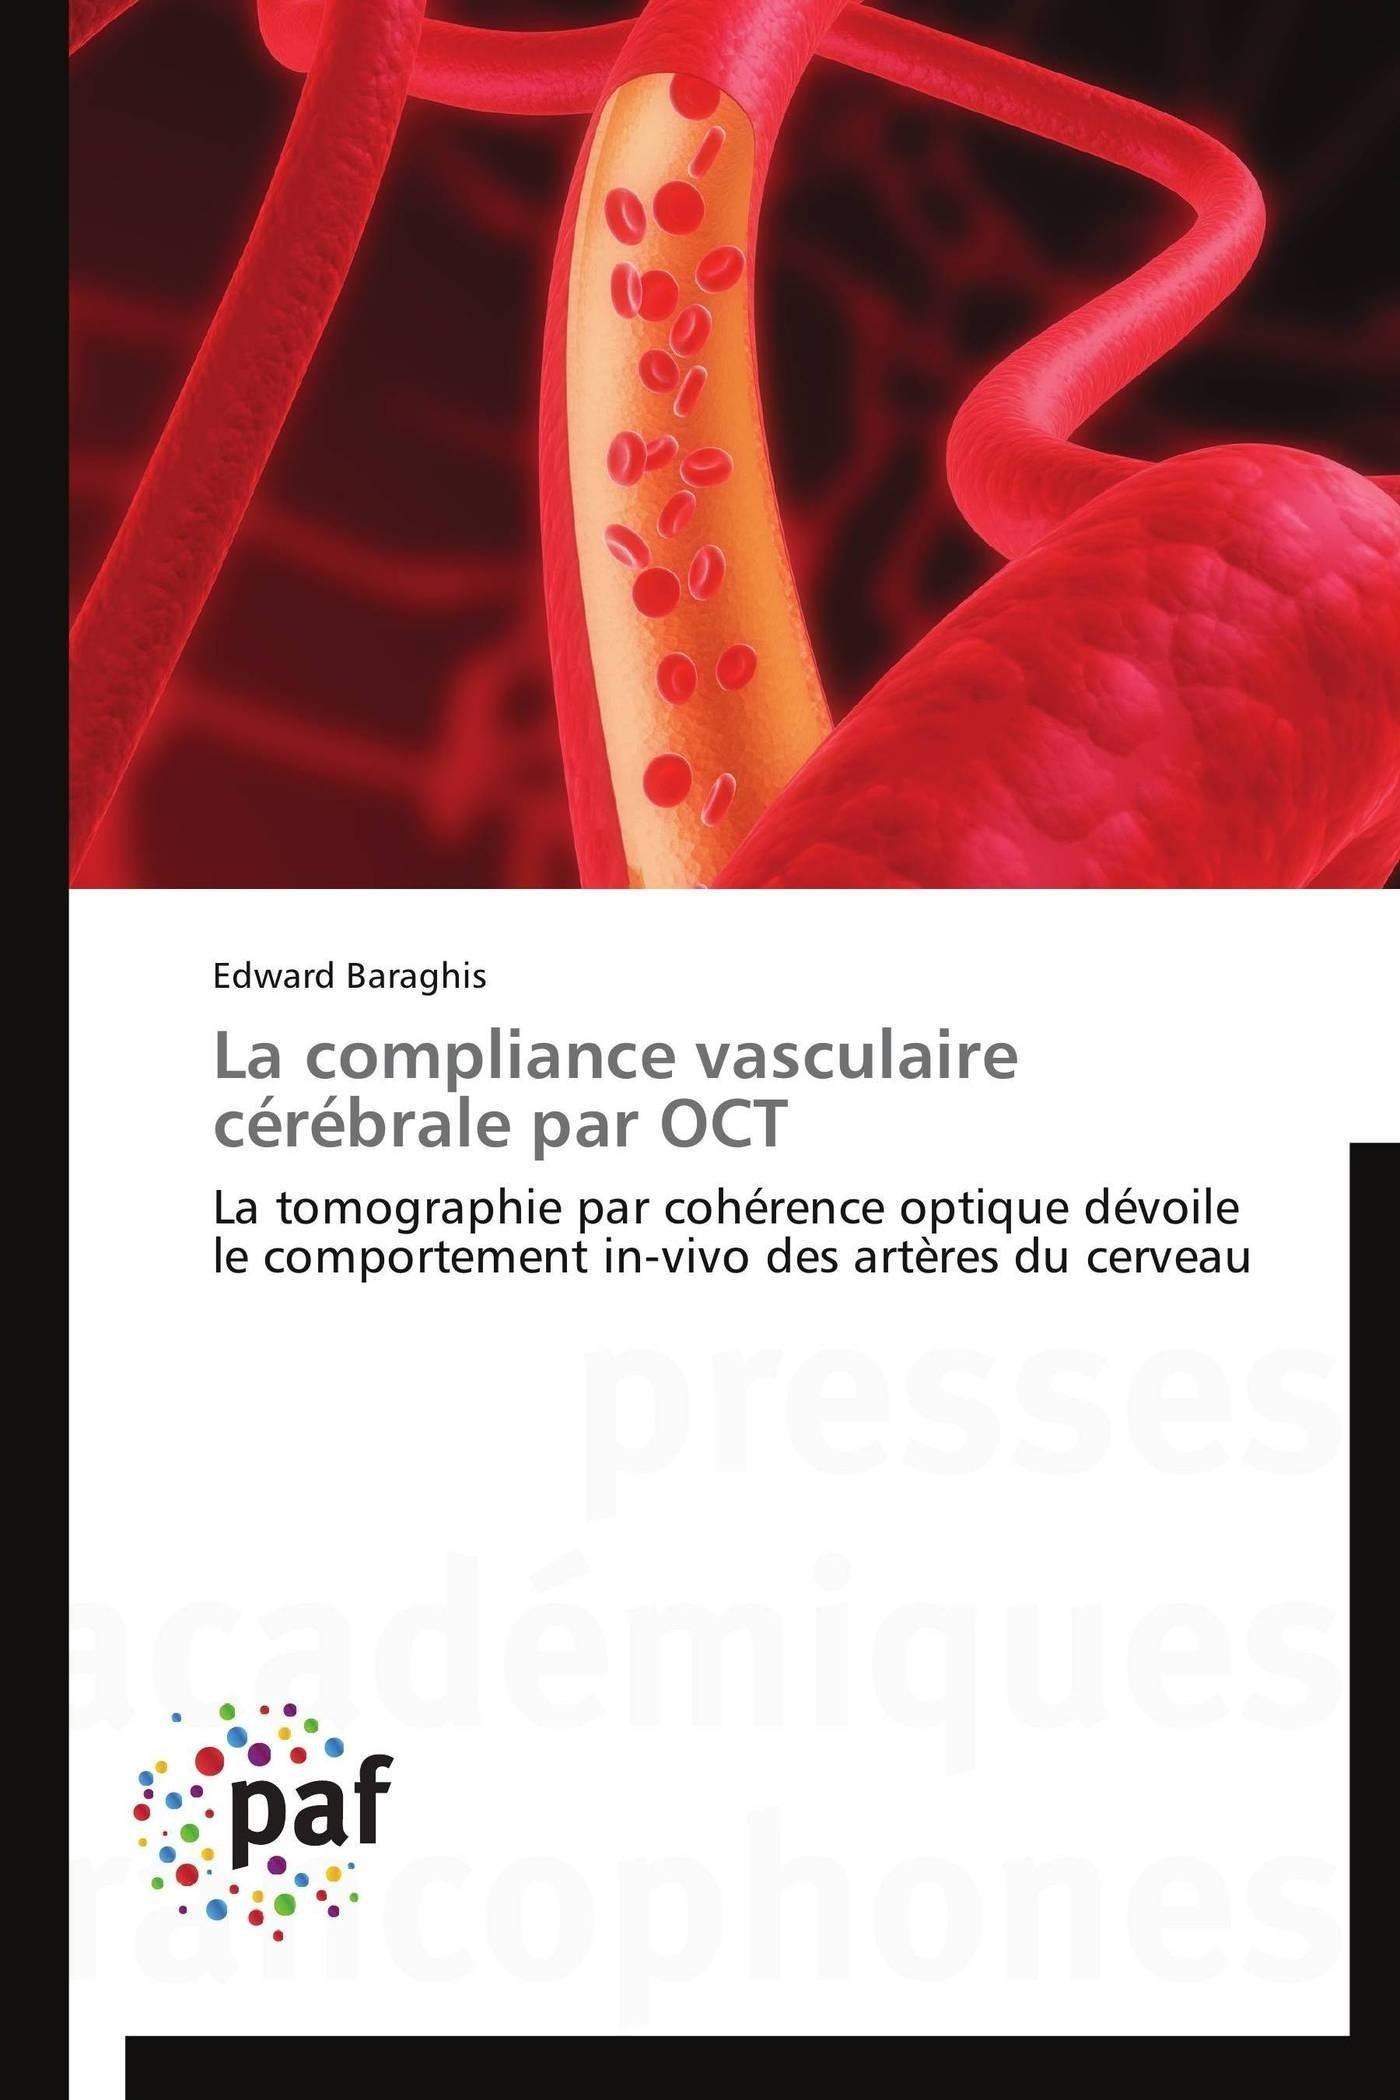 Read Online La compliance vasculaire cérébrale par OCT: La tomographie par cohérence optique dévoile le comportement in-vivo des artères du cerveau (Omn.Pres.Franc.) (French Edition) PDF